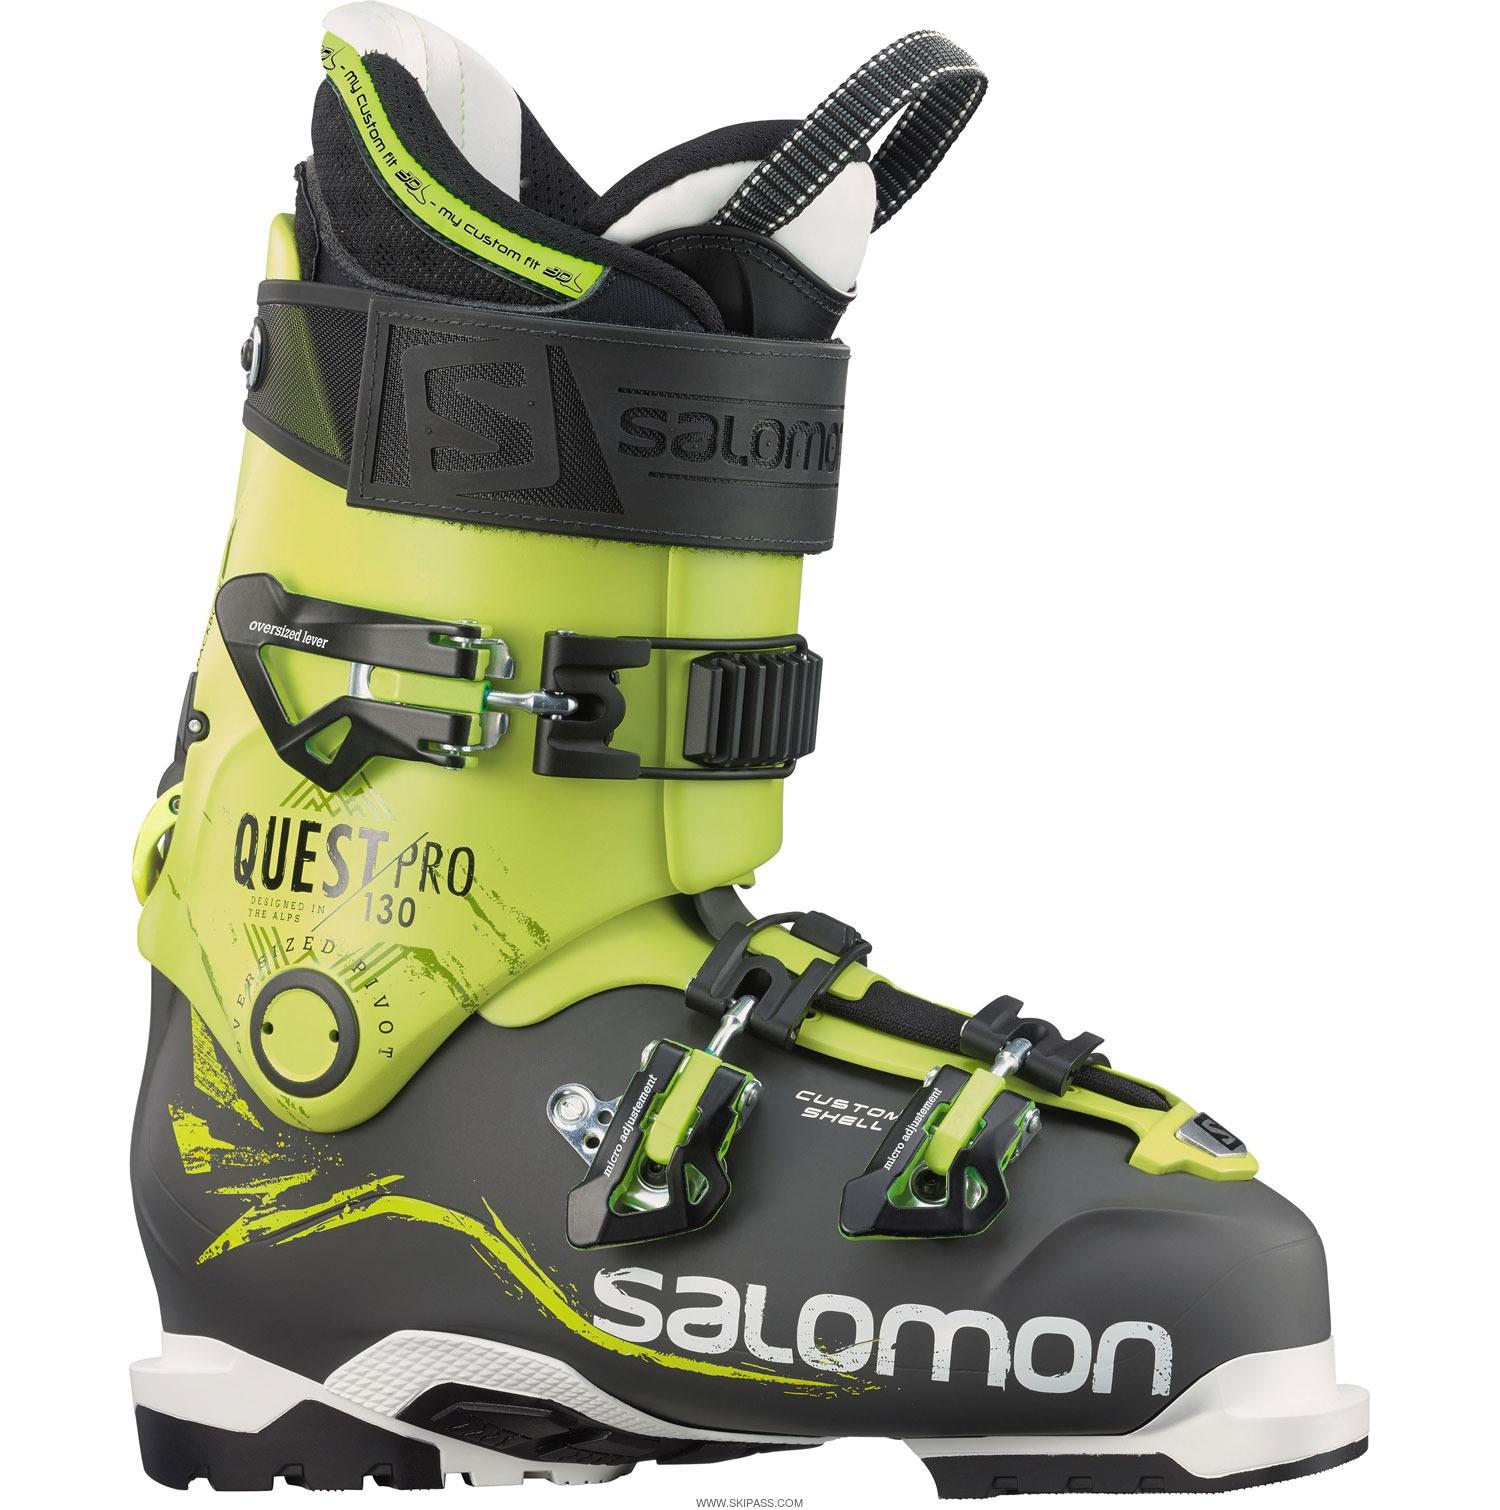 197d383abe3 Salomon - Quest Pro 130 2016